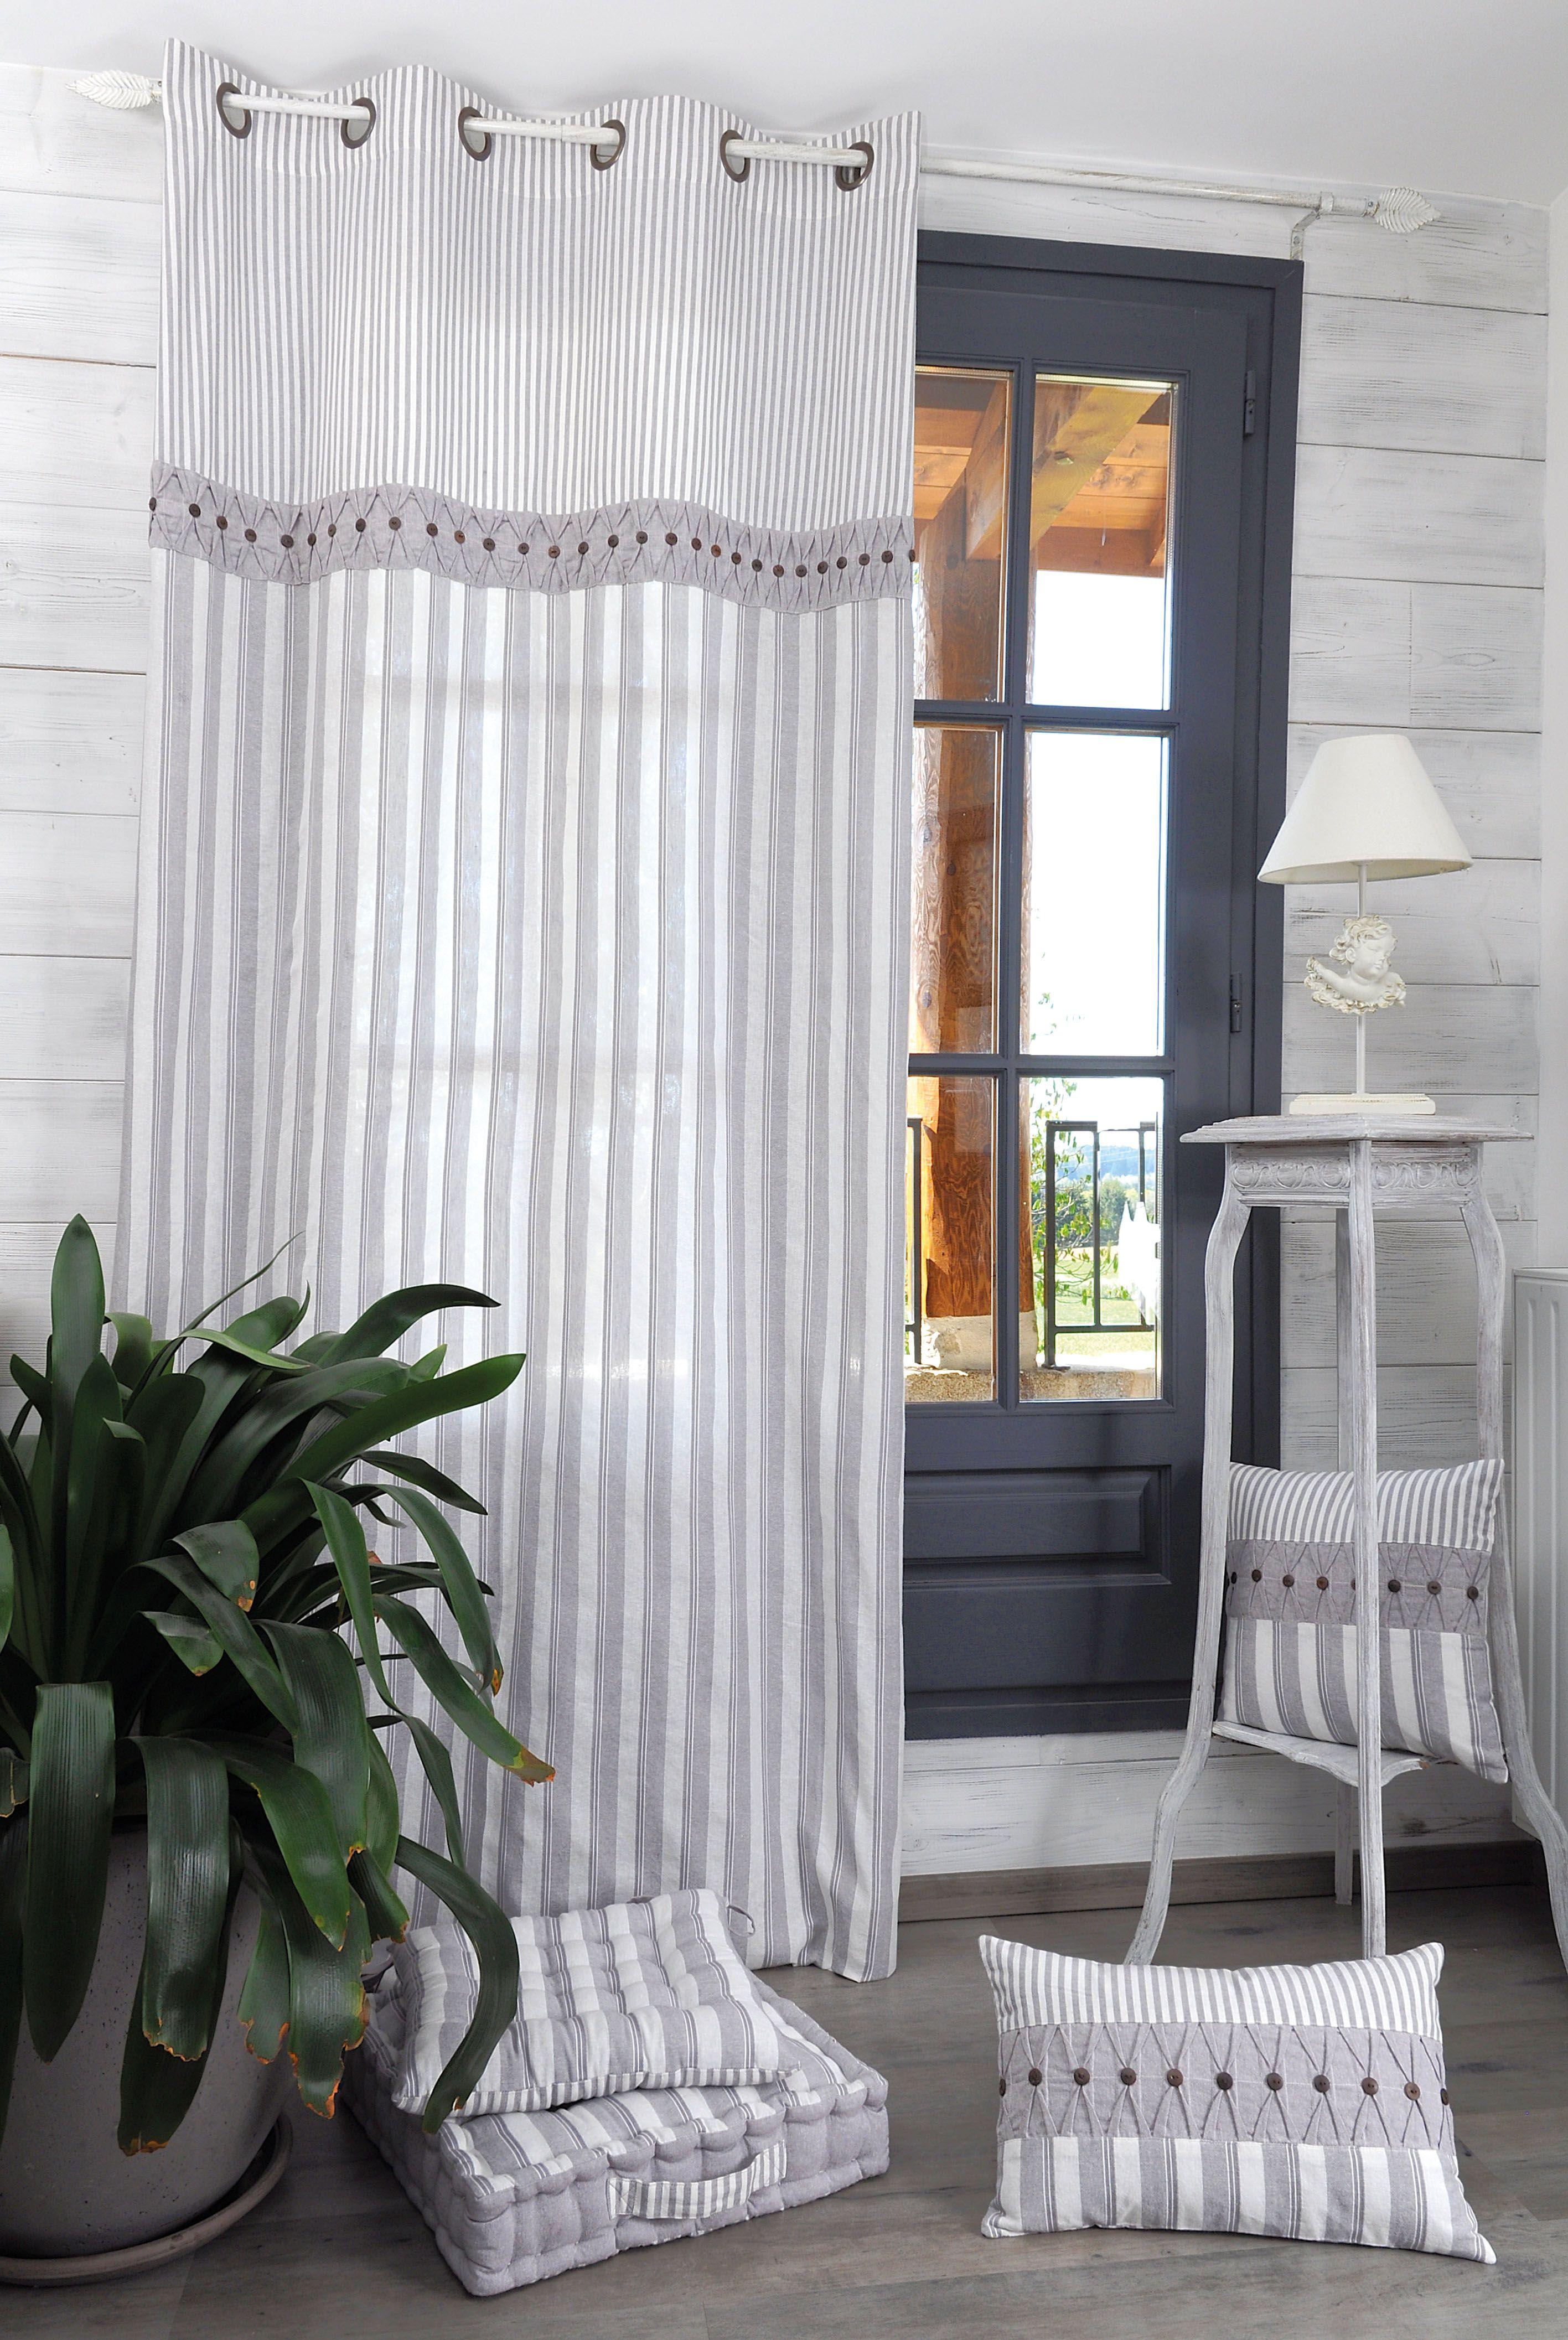 Rideaux Style Romantique : les rideaux au style romantique mon univers romantique ~ Melissatoandfro.com Idées de Décoration